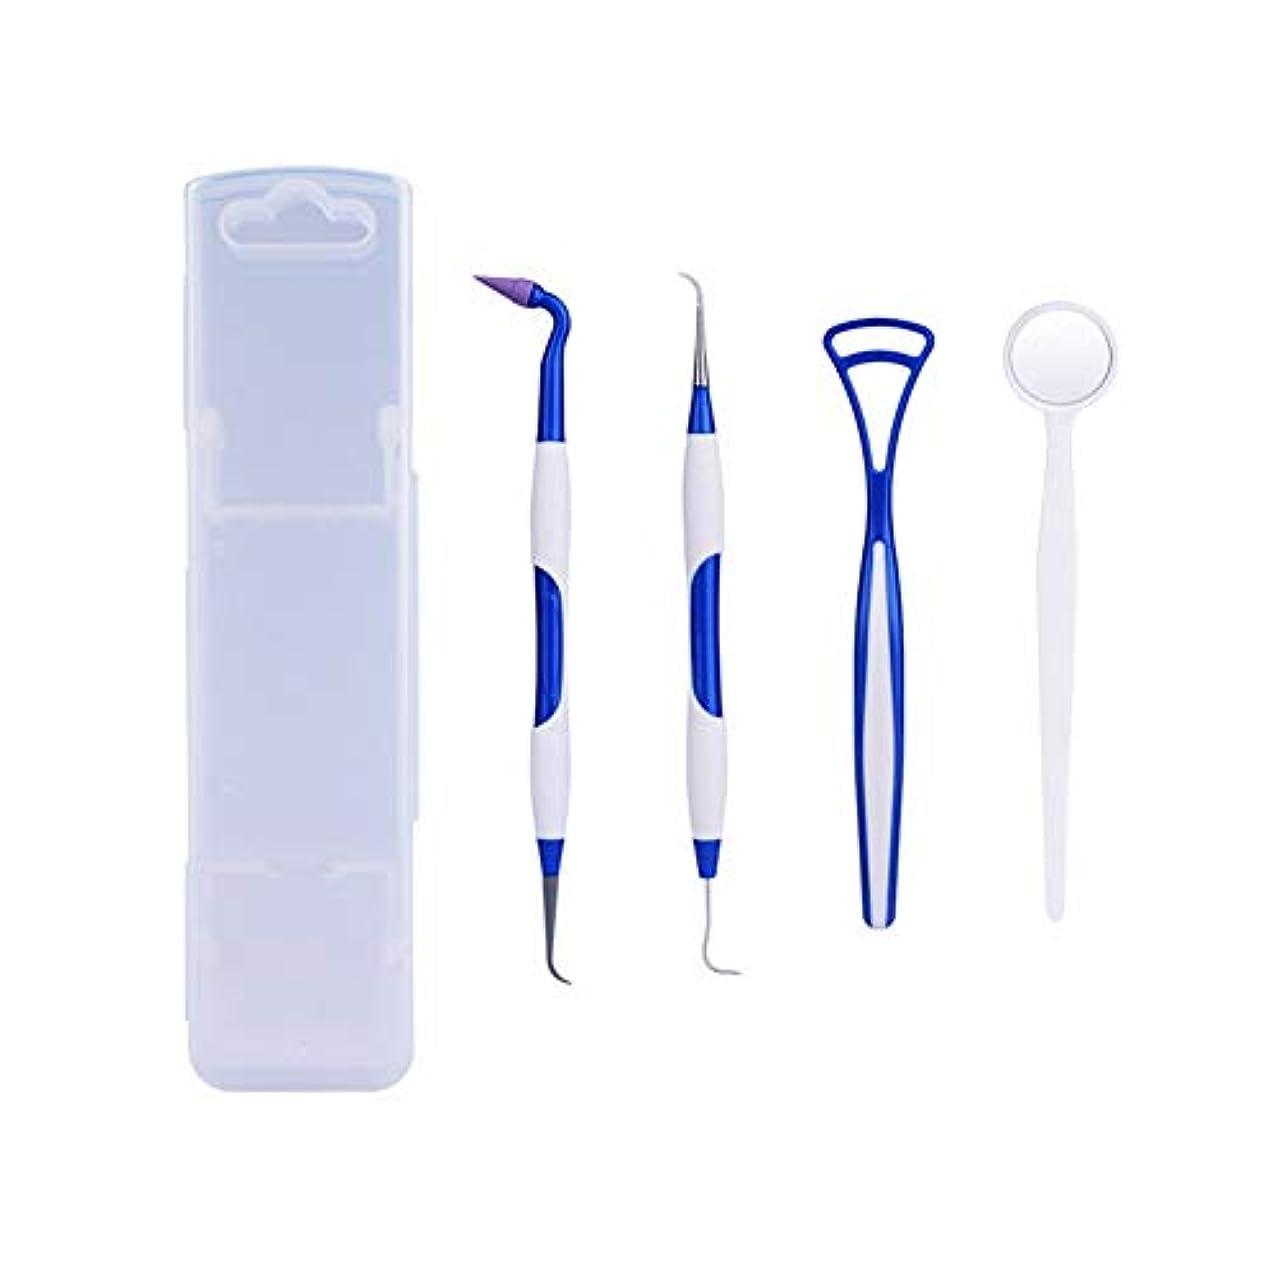 ZHQI-HEAL 4 in 1プロフェッショナルオーラルヘルスケアツールキットオーラルクリーニングトゥースピック口ミラーガム刺激装置舌スクレーパー口腔衛生 (色 : 青)